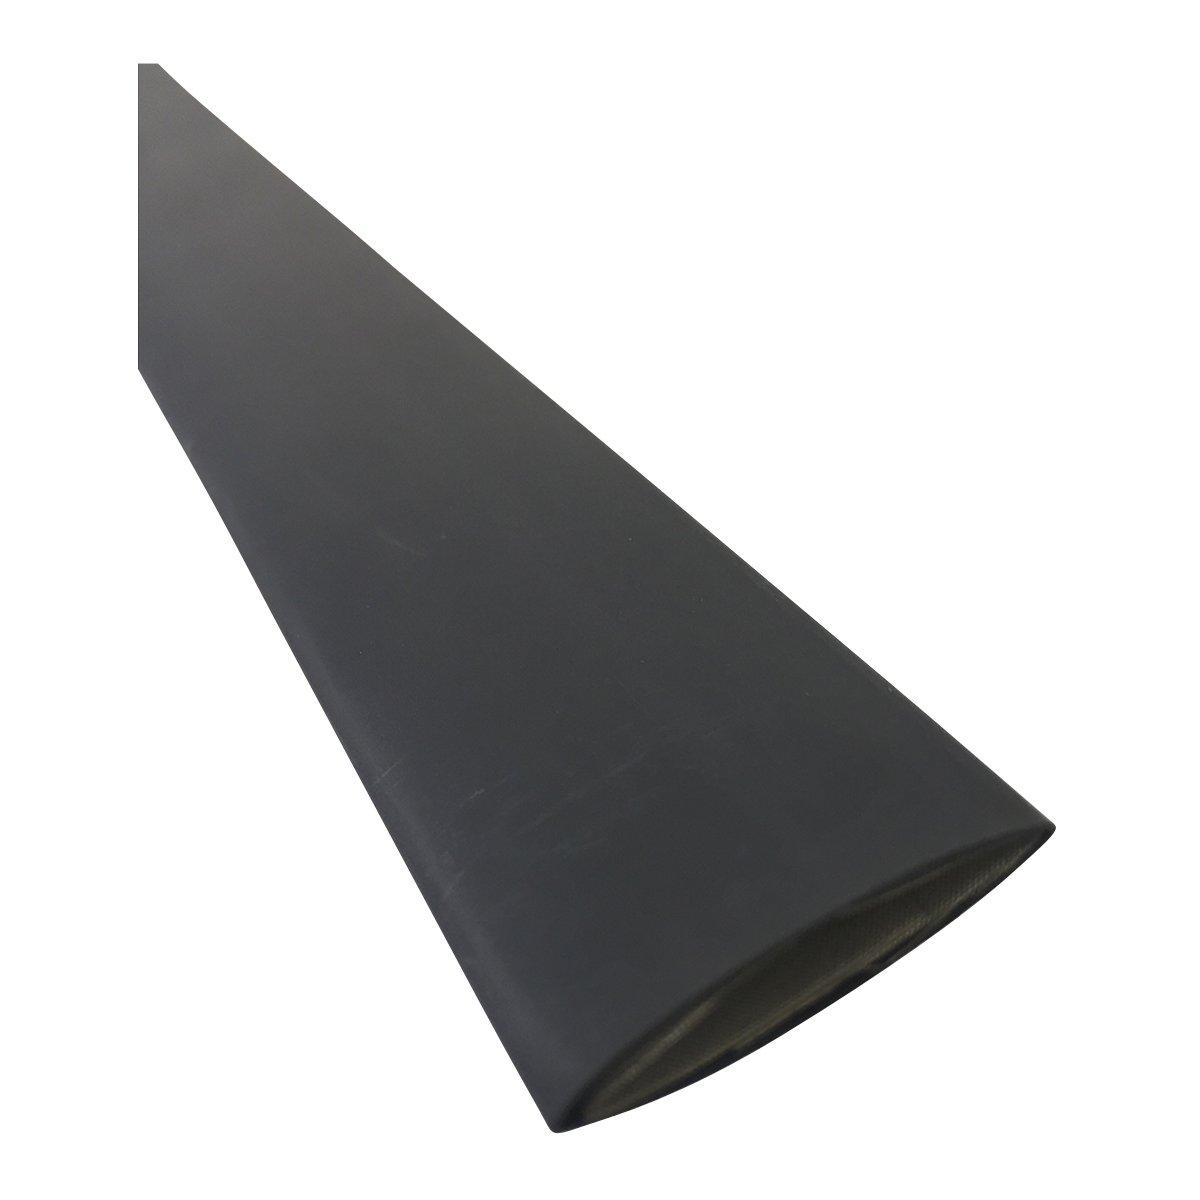 興和化成 熱収縮シールドチューブ KHSST-18 ブラック 10本入り φ19.0(収縮前内径)  B01H6KCR02